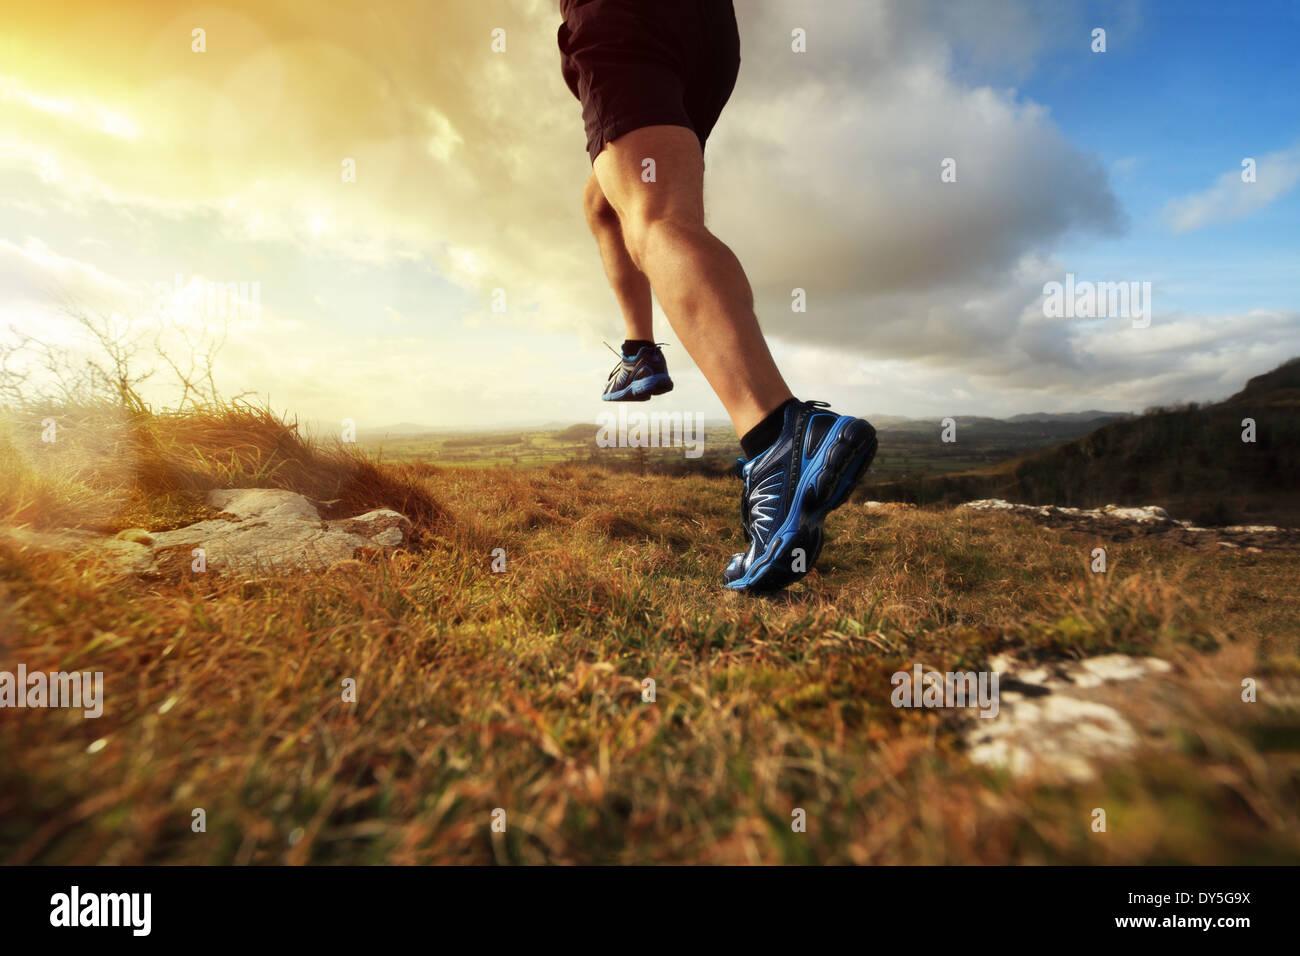 Sentier de fonctionner en bonne santé Photo Stock